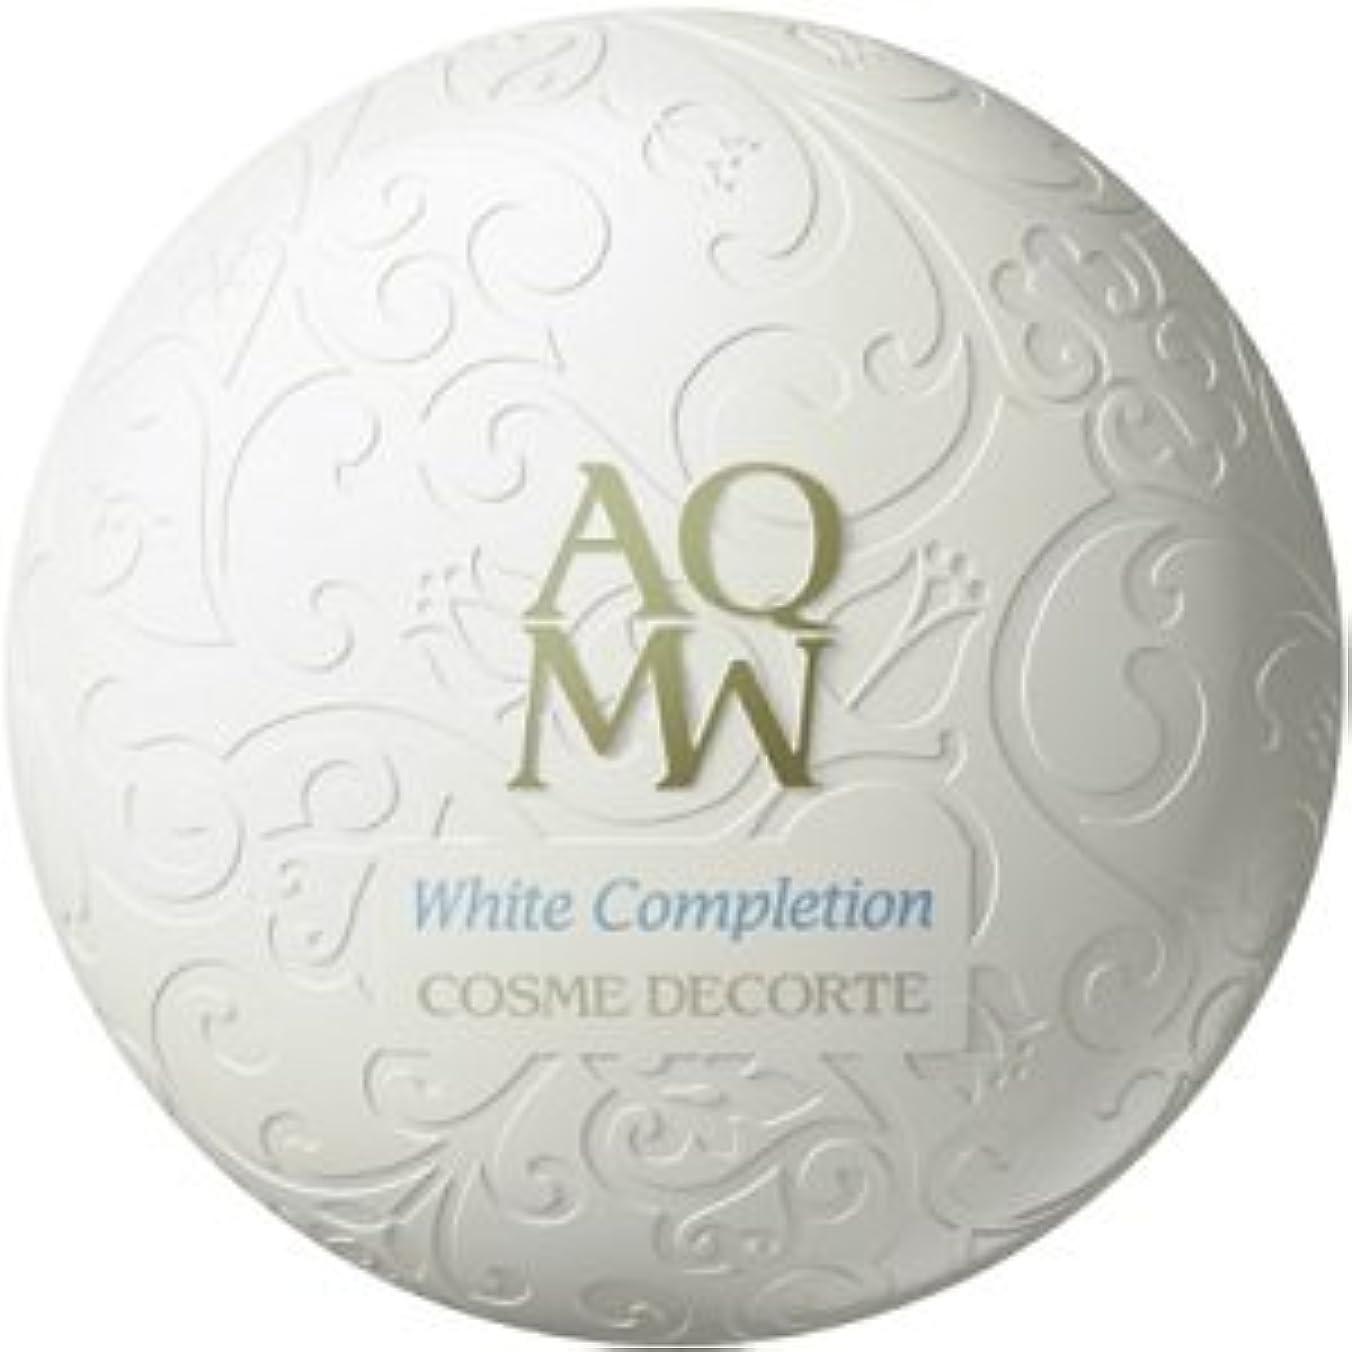 ワイド領収書ディプロマコスメデコルテ AQMW ホワイトコンプリーション 25g